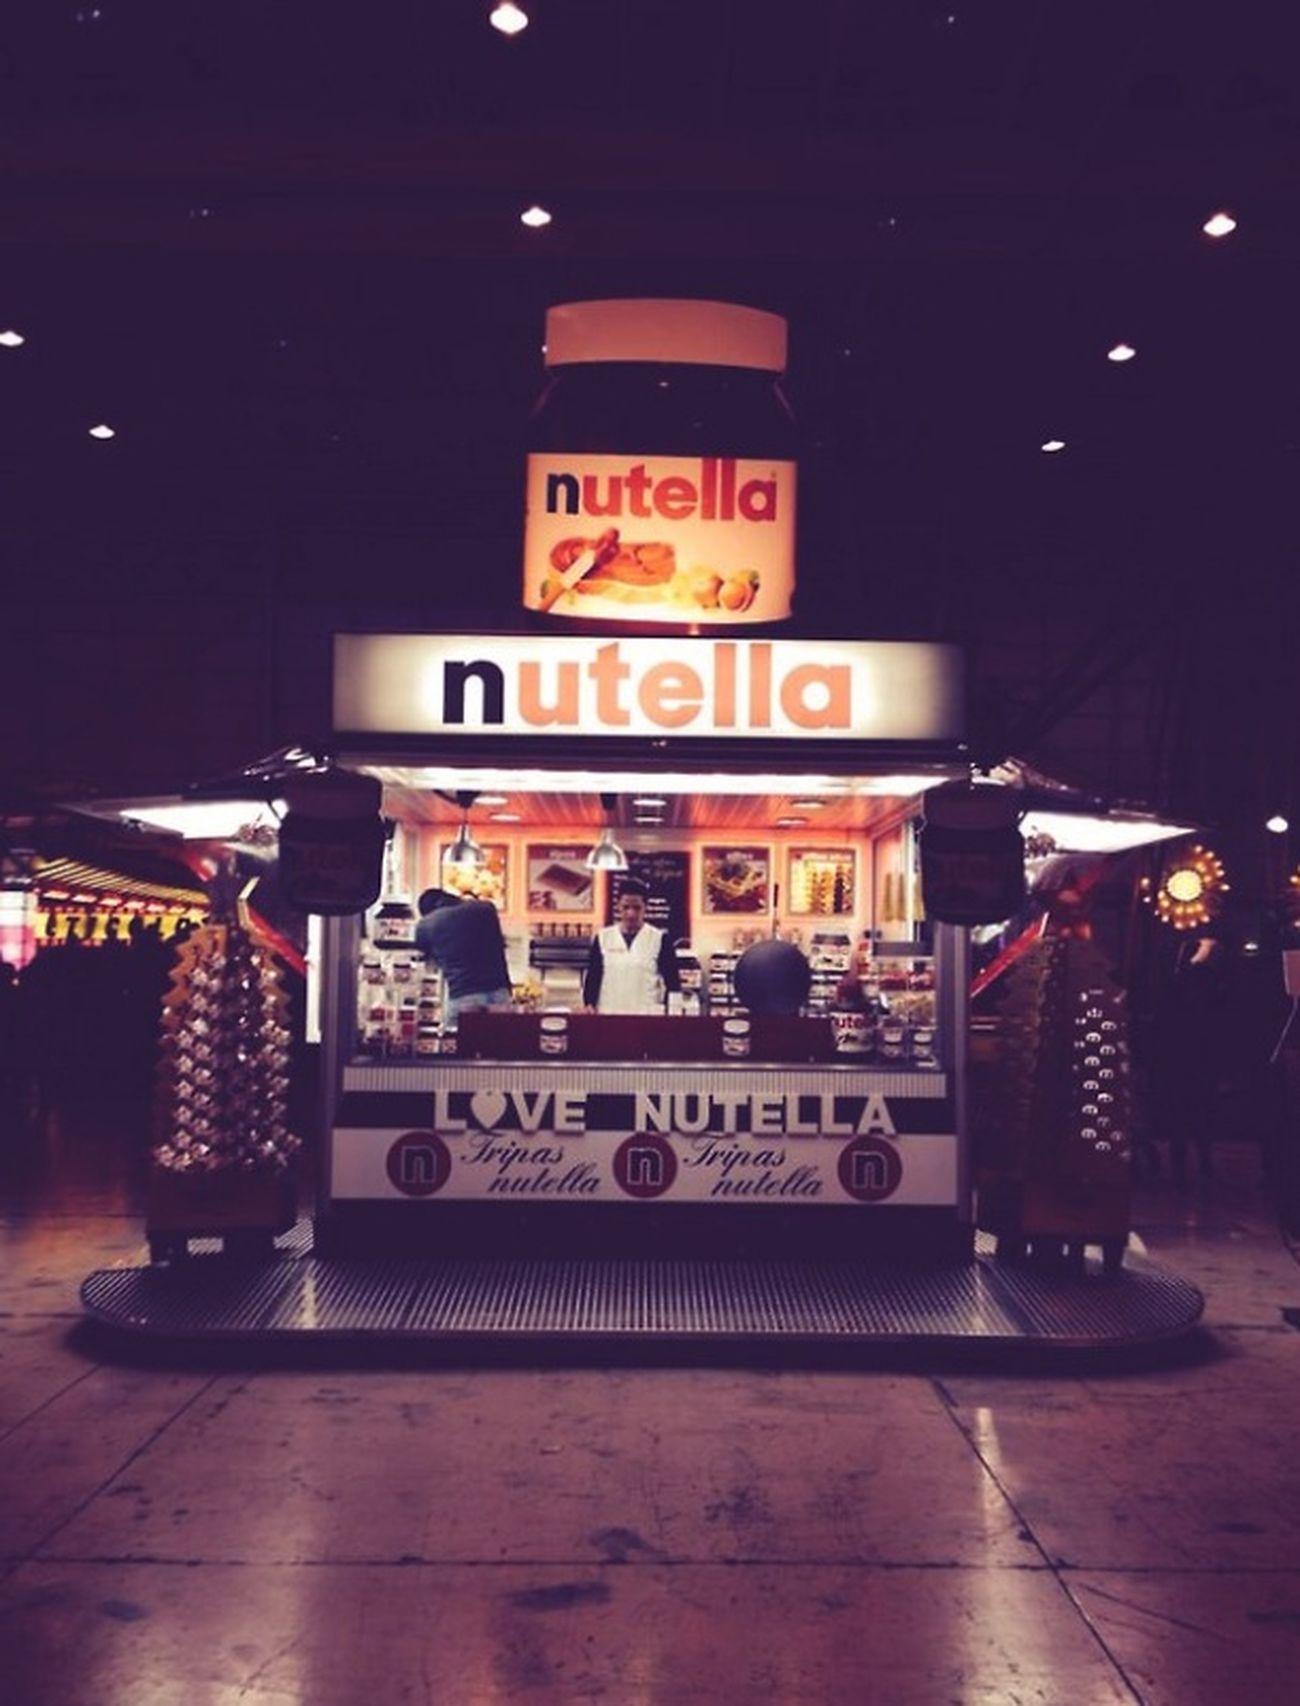 عشقي Love Chocolate Nutella ♥